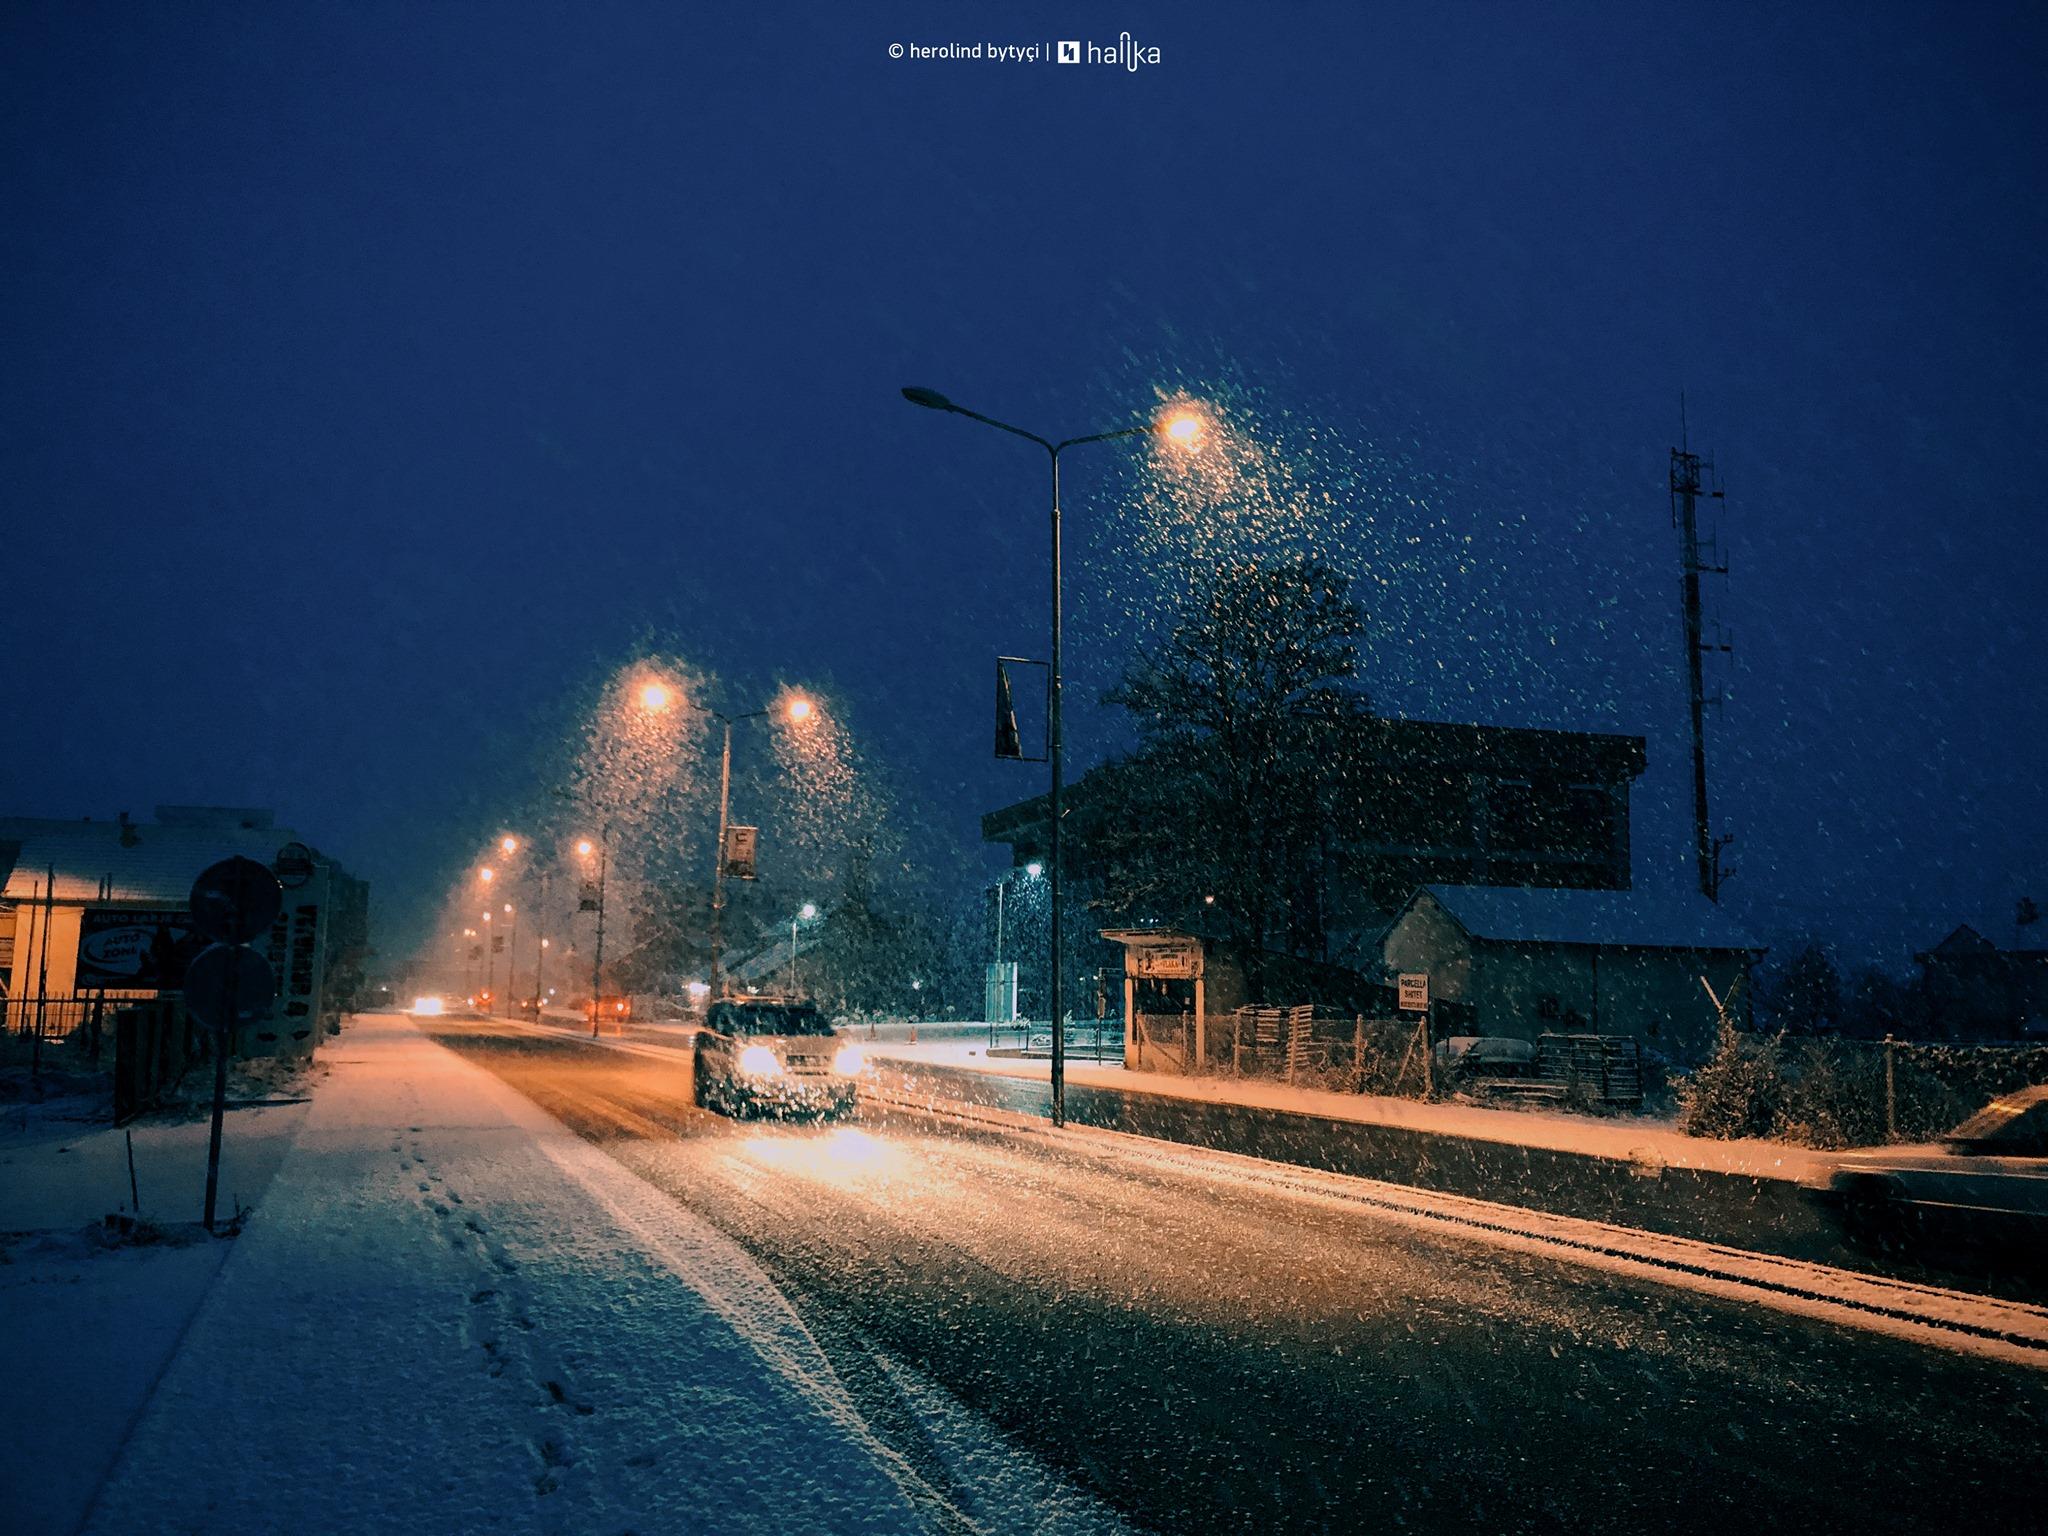 Mot i ftohtë edhe të enjten, vazhdojnë reshjet e shiut e borës